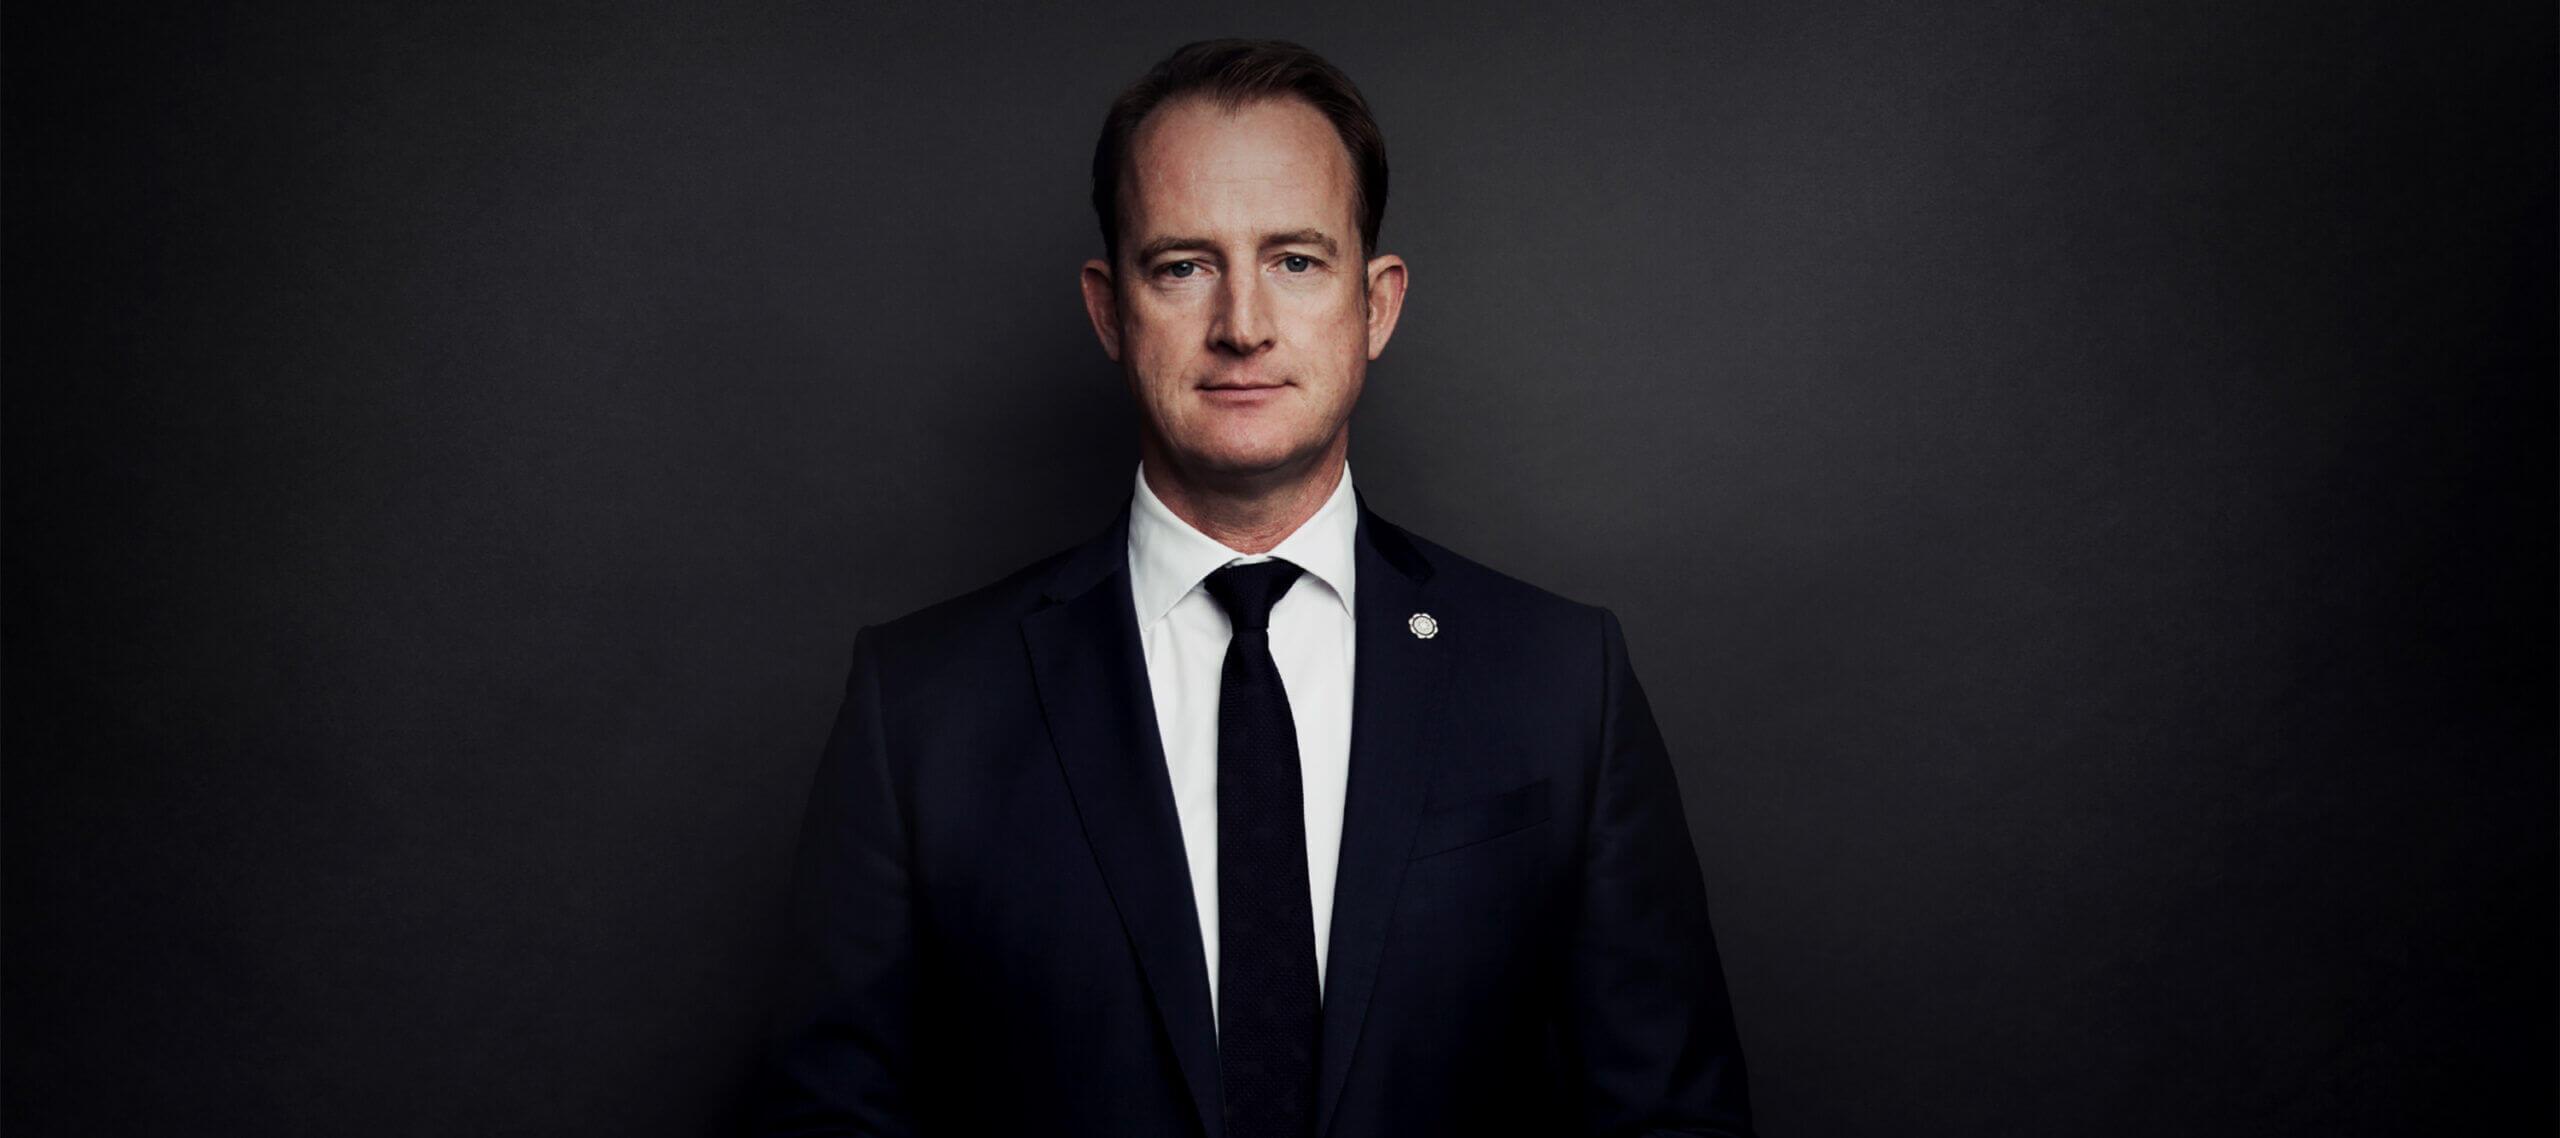 Daniel Buhl - Wirtschaftsprüfer, Steuerberater, Rechtsanwalt, Vorstand